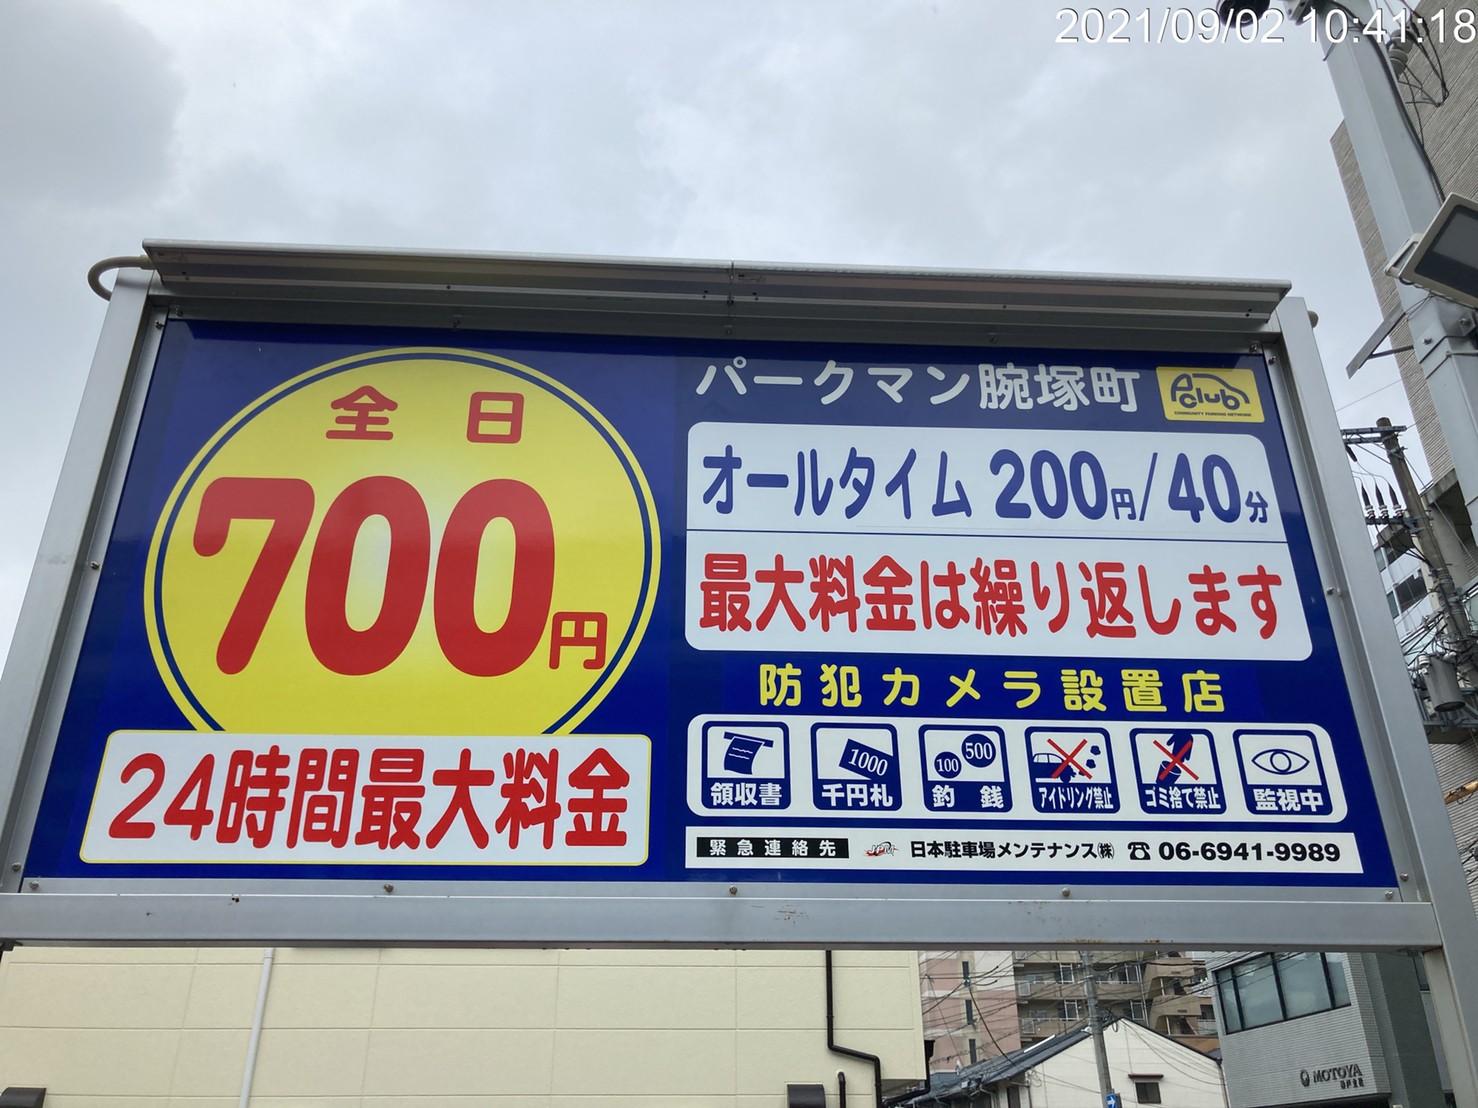 【神戸市長田区腕塚町 時間貸し駐車場】パークマン腕塚町